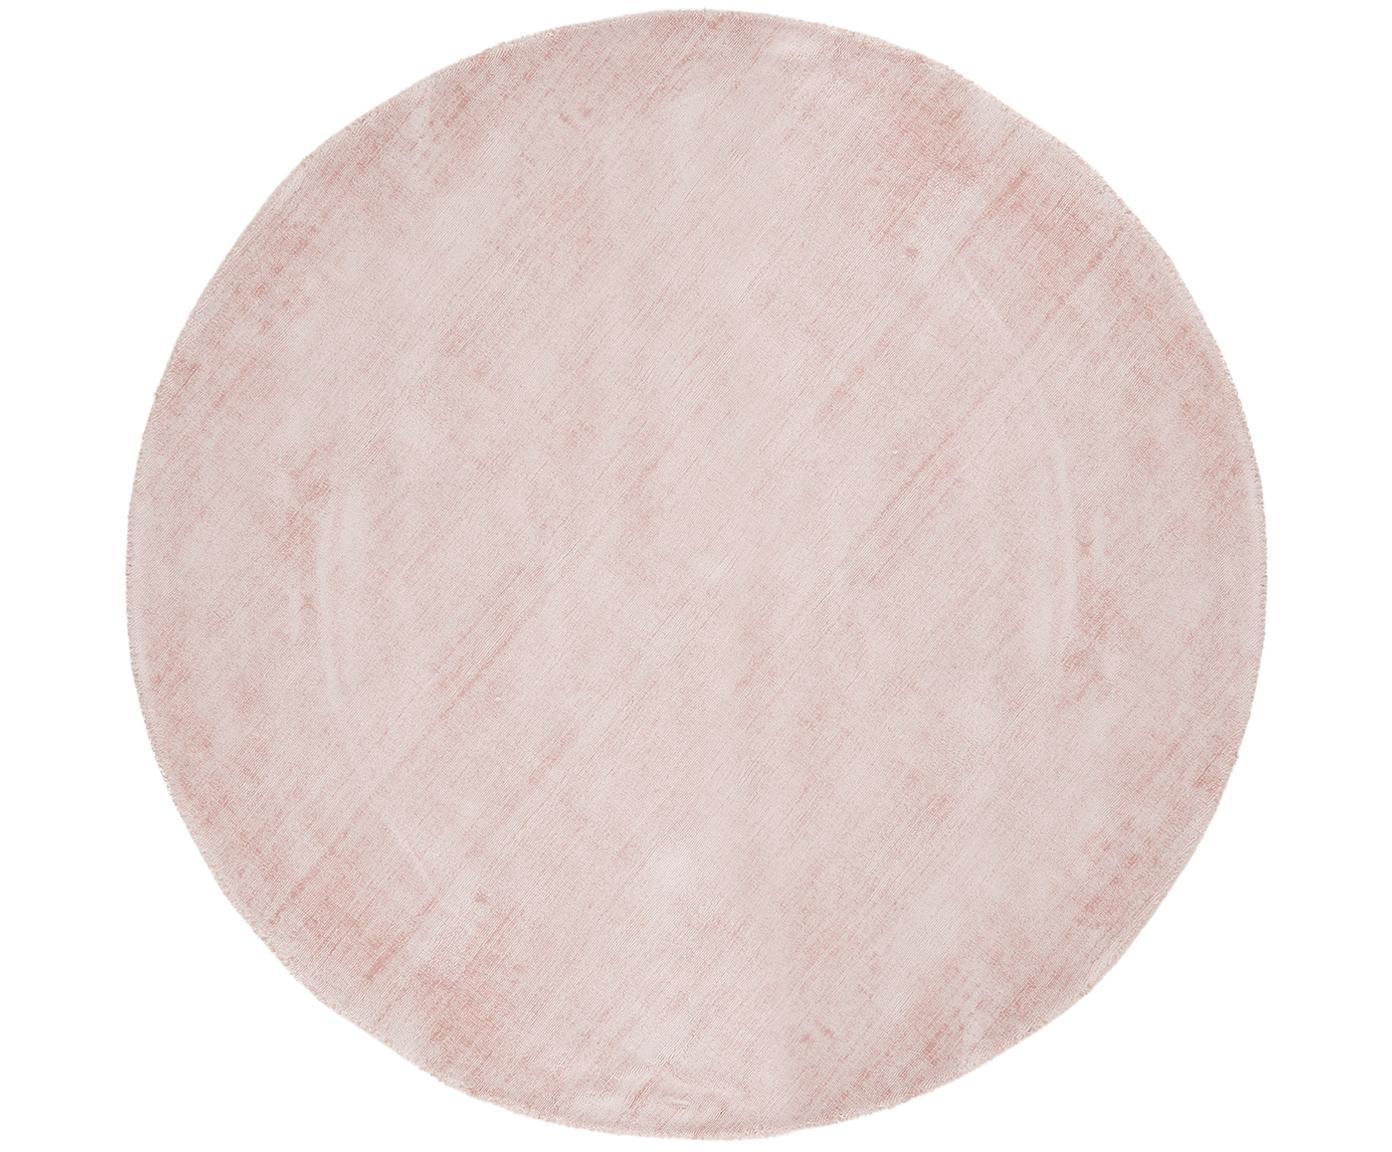 Handgeweven viscose vloerkleed Jane, Bovenzijde: 100% viscose, Onderzijde: 100% katoen, Roze, Ø 120 cm